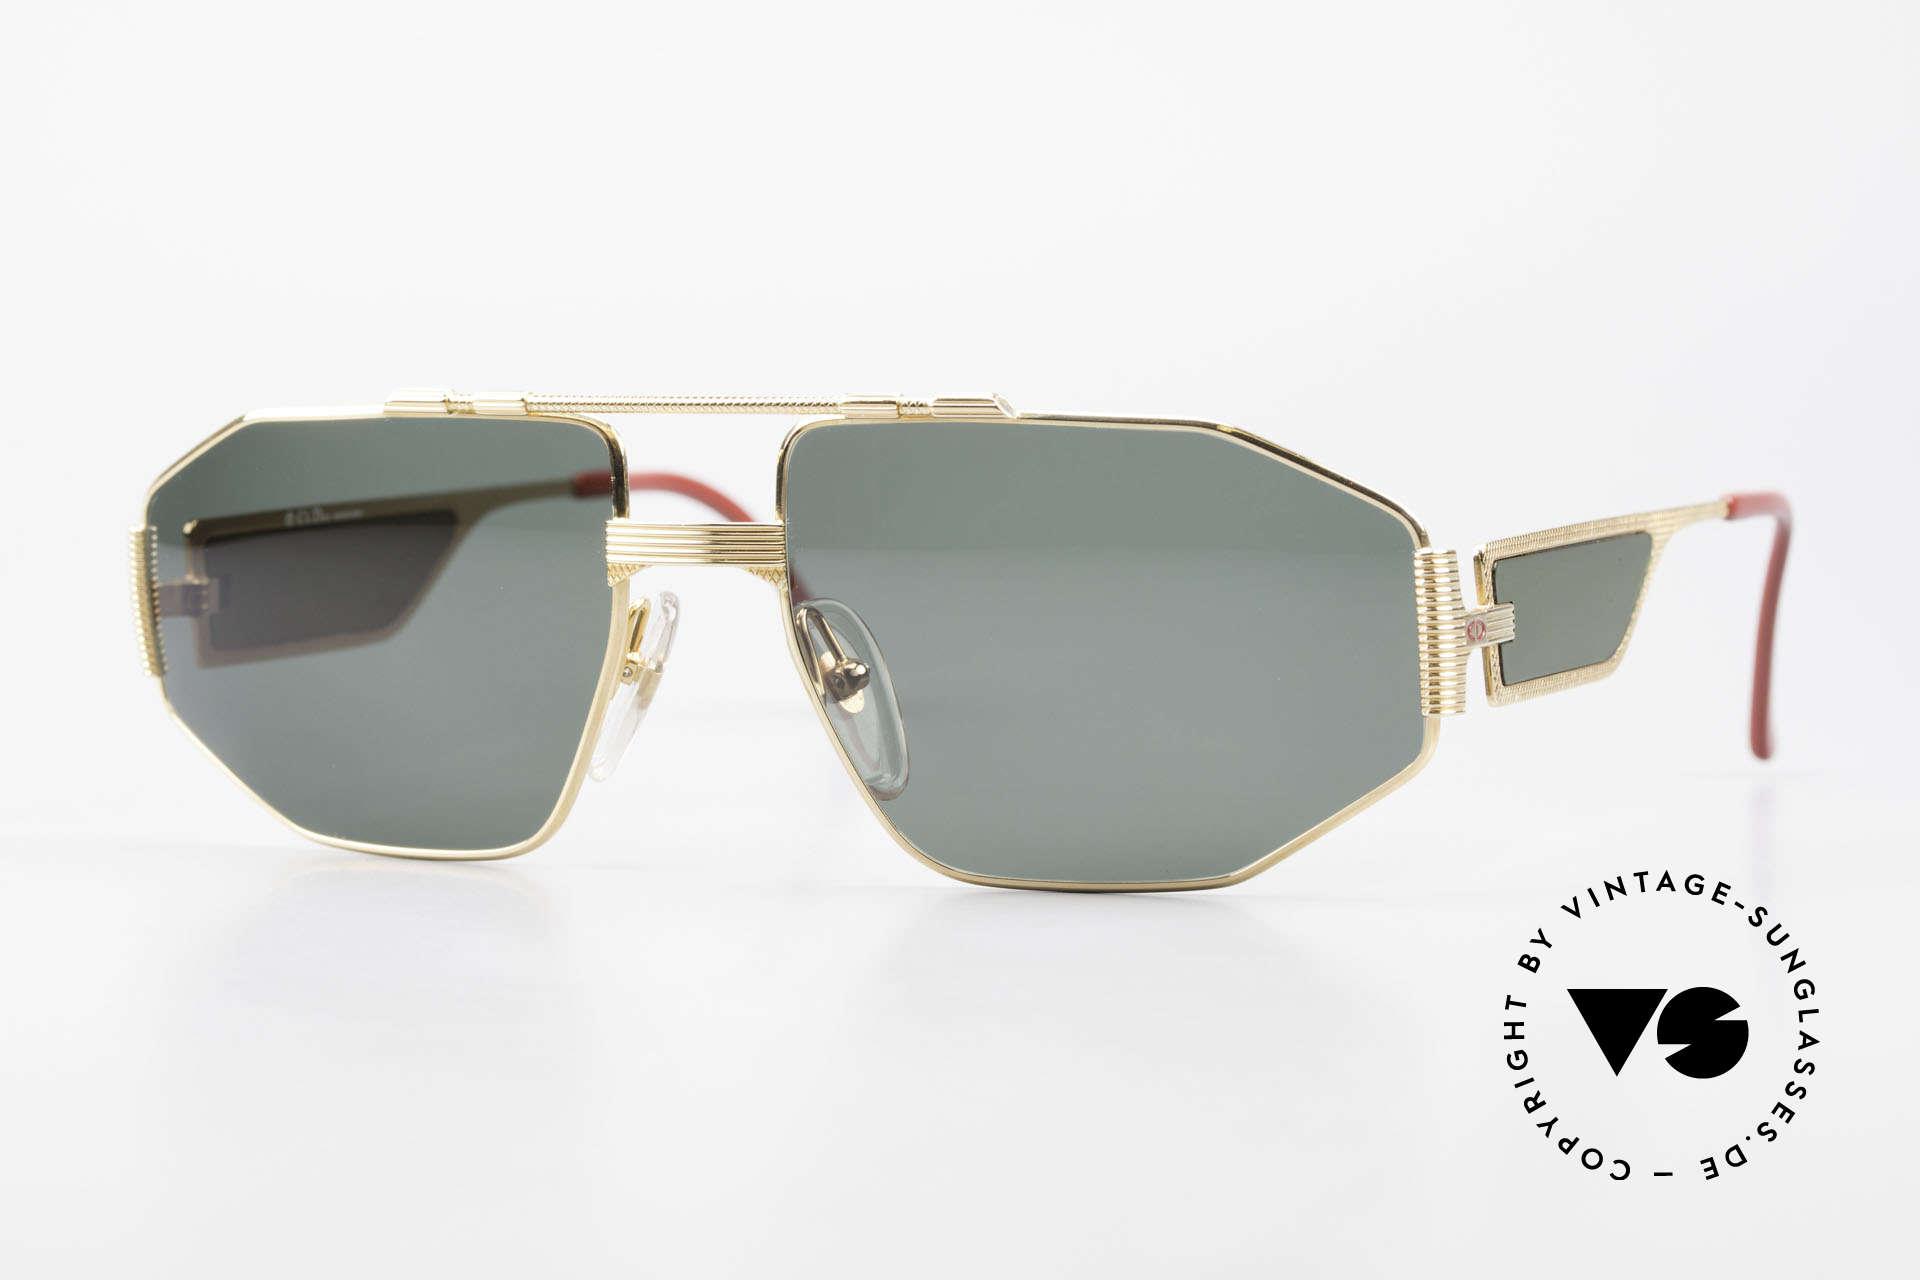 Christian Dior 2427 Monsieur Sonnenbrille 80er, vintage Brille der Dior Monsieur Serie von 1988, Passend für Herren